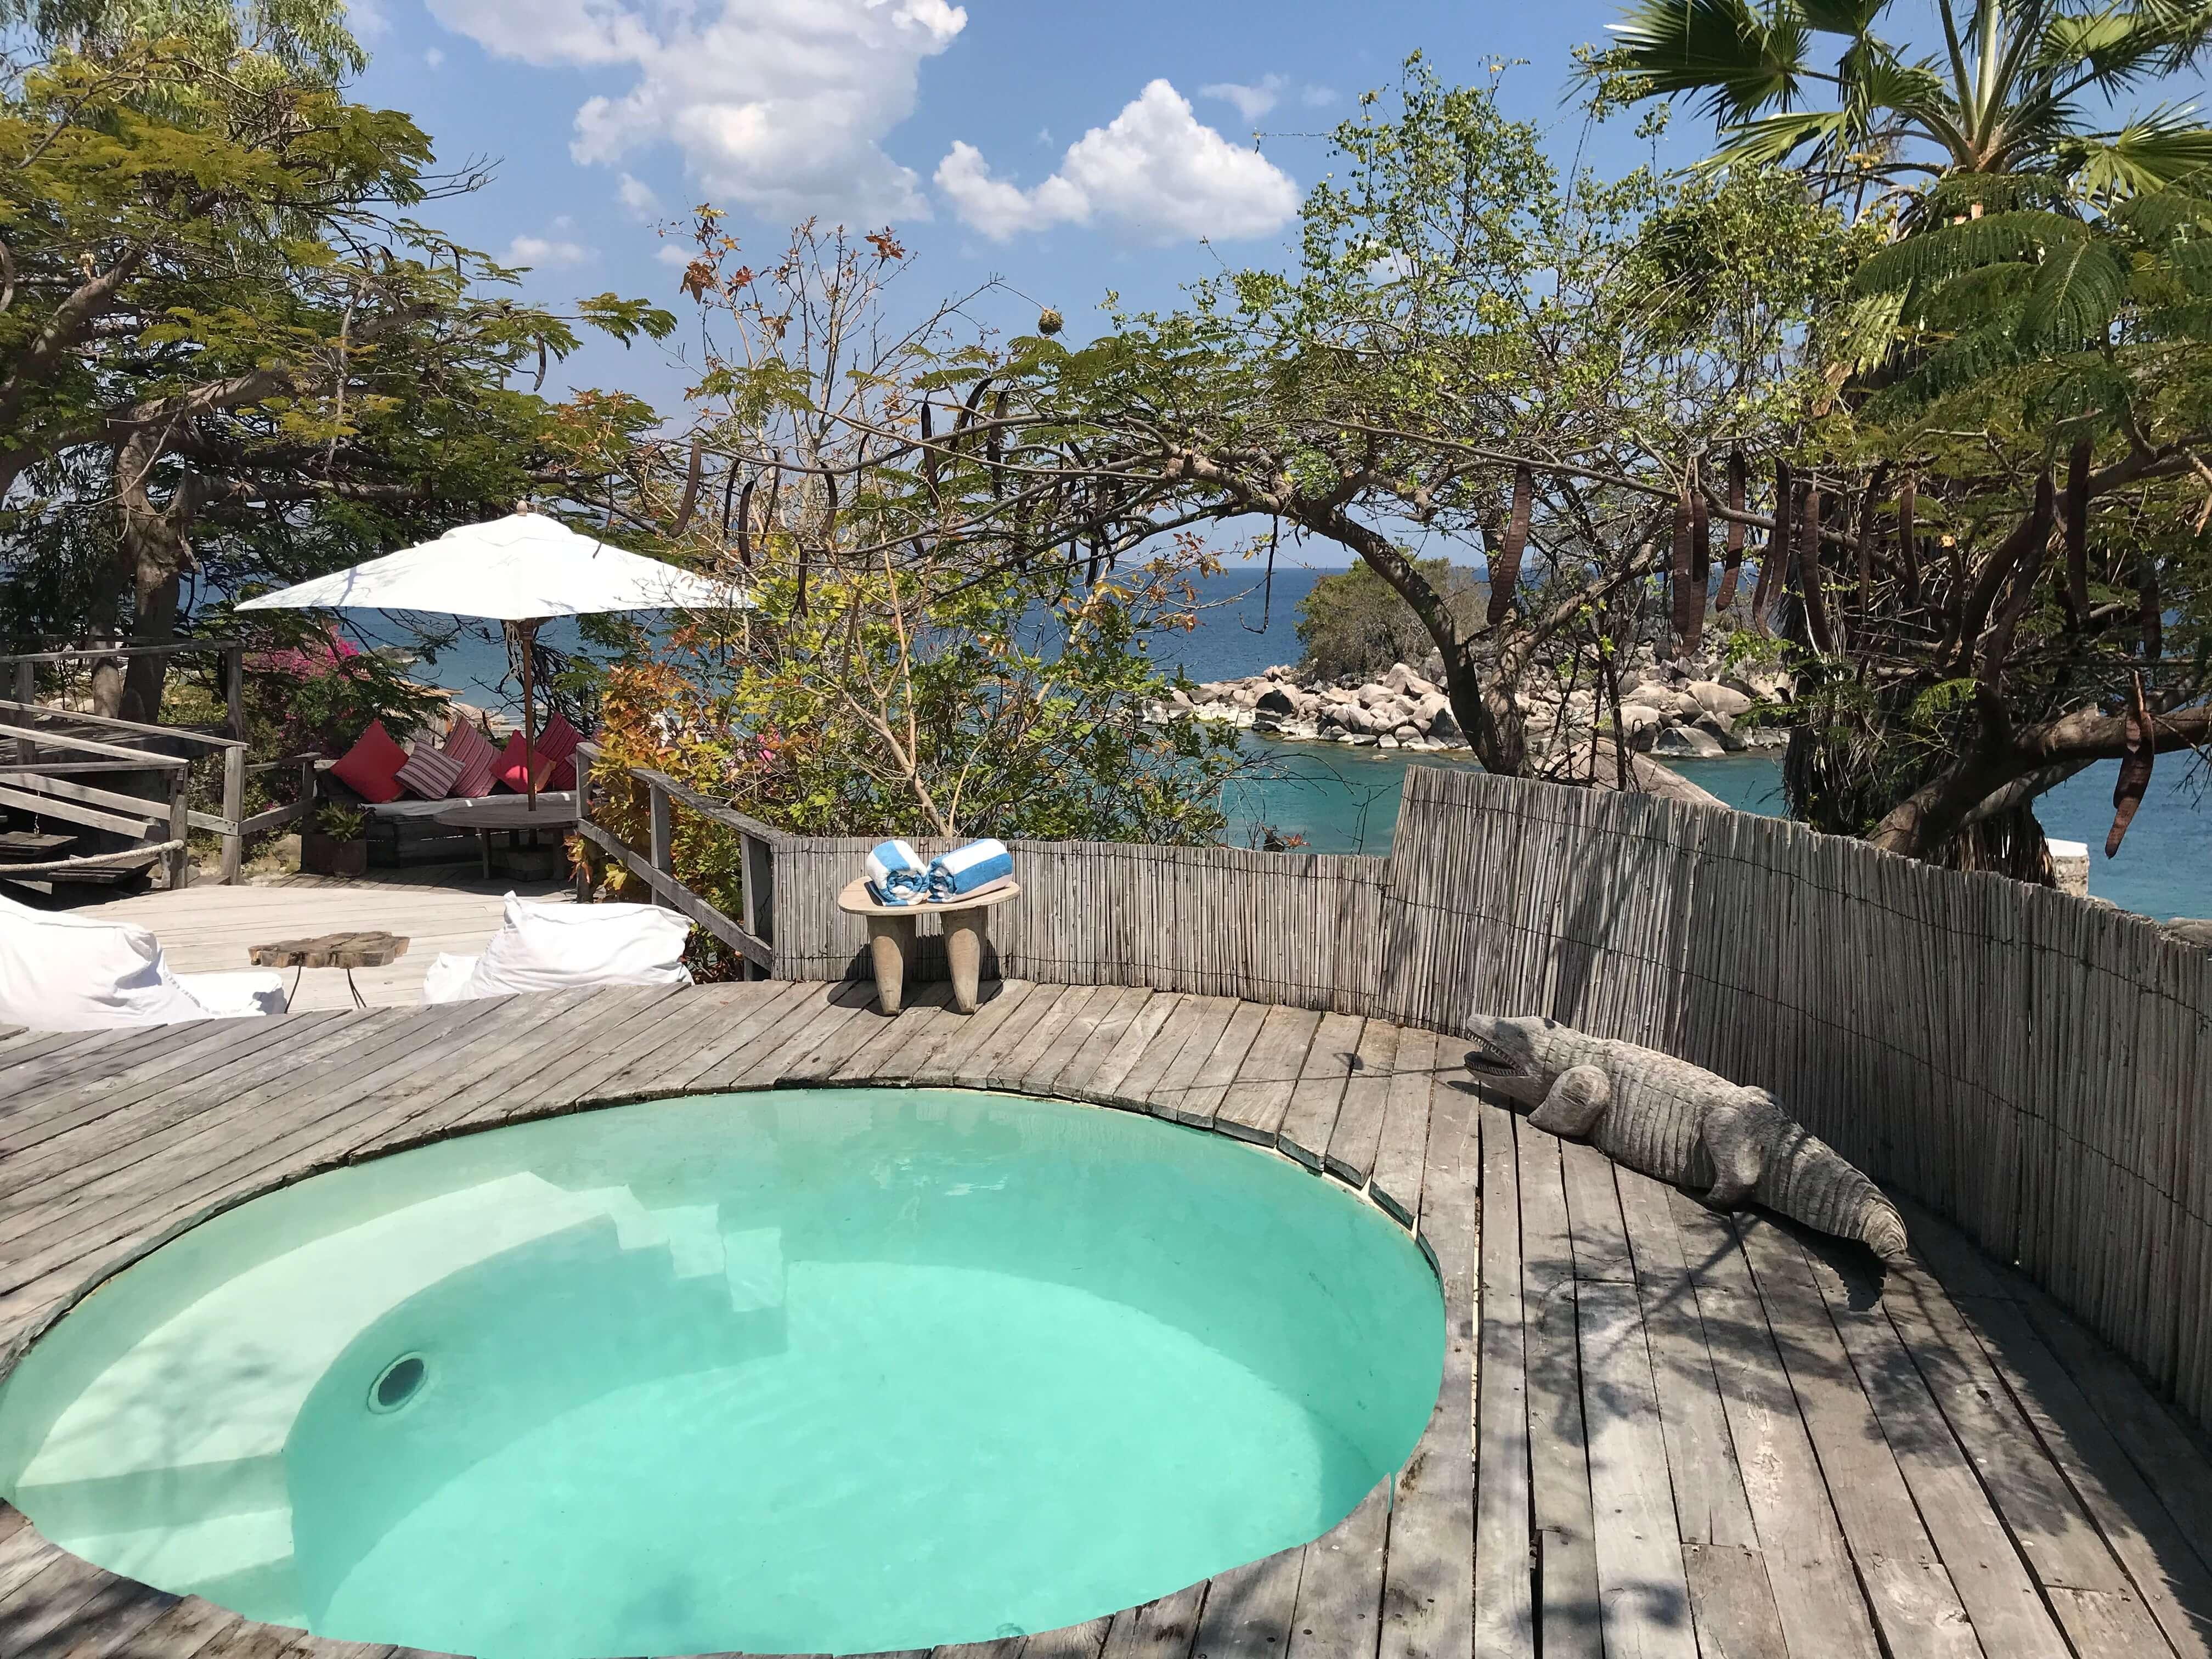 Plunge pool bij Kaya Mawa op Likoma in Island Malawi